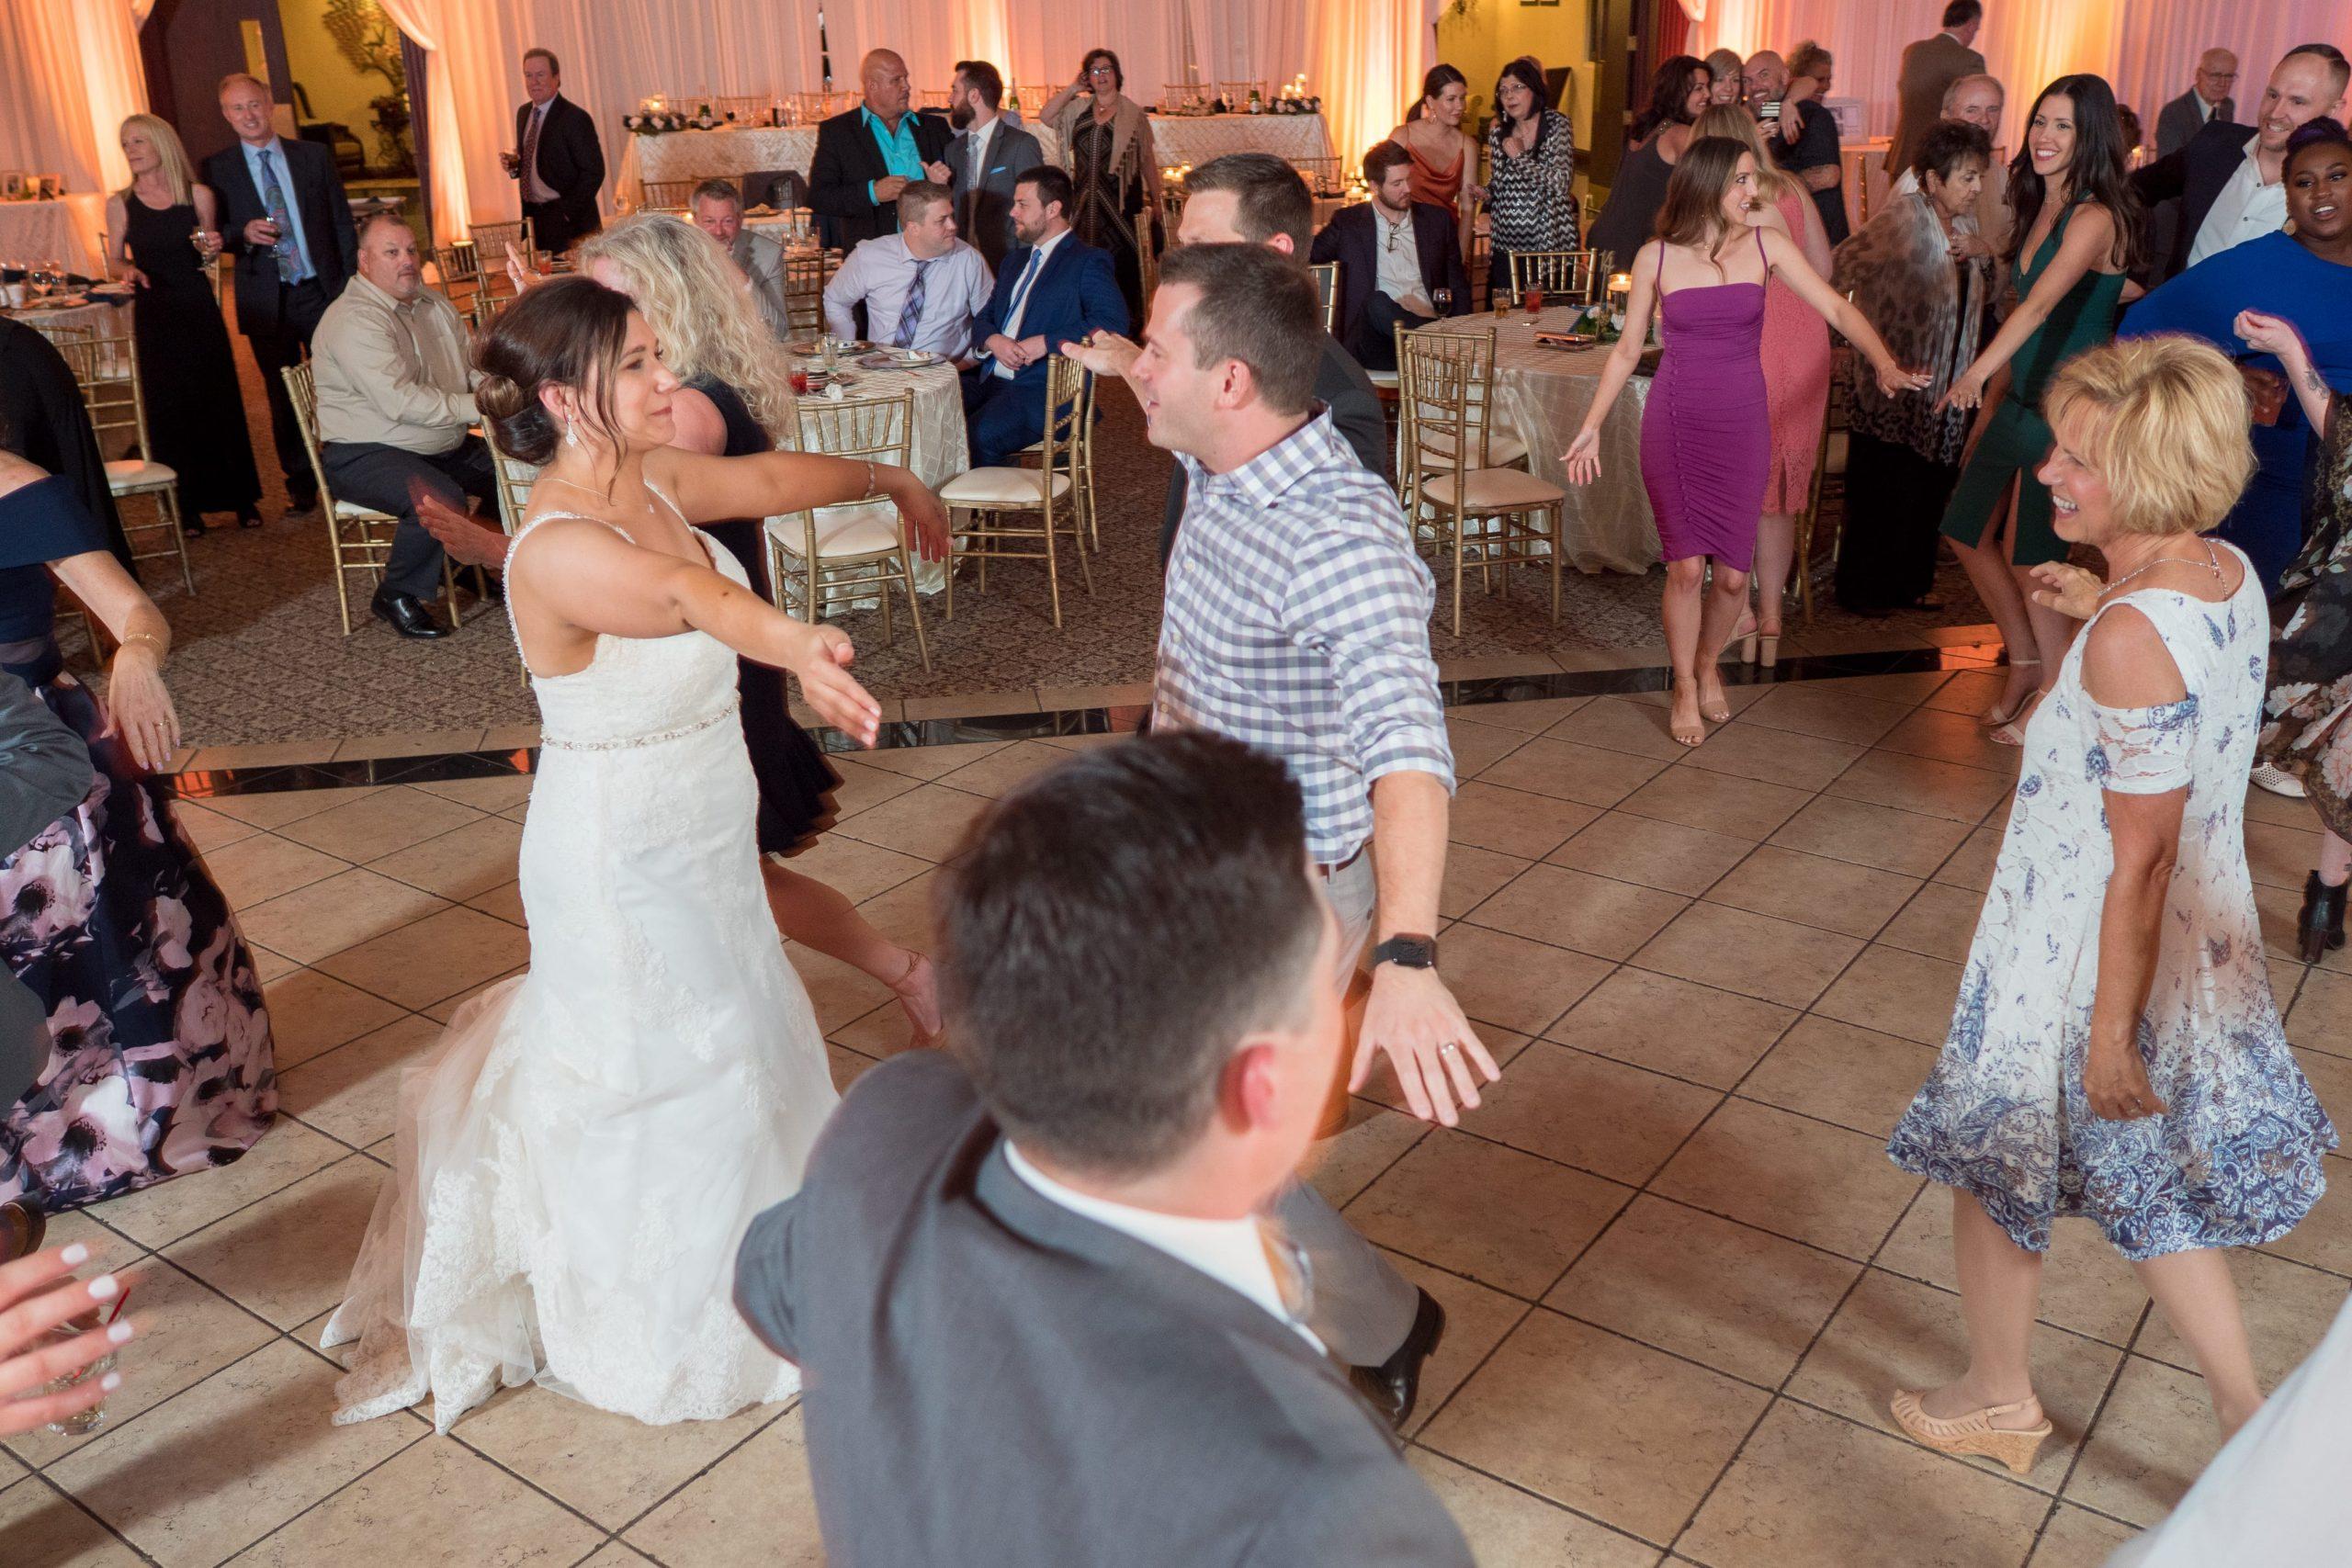 wedding dj packed dance floor